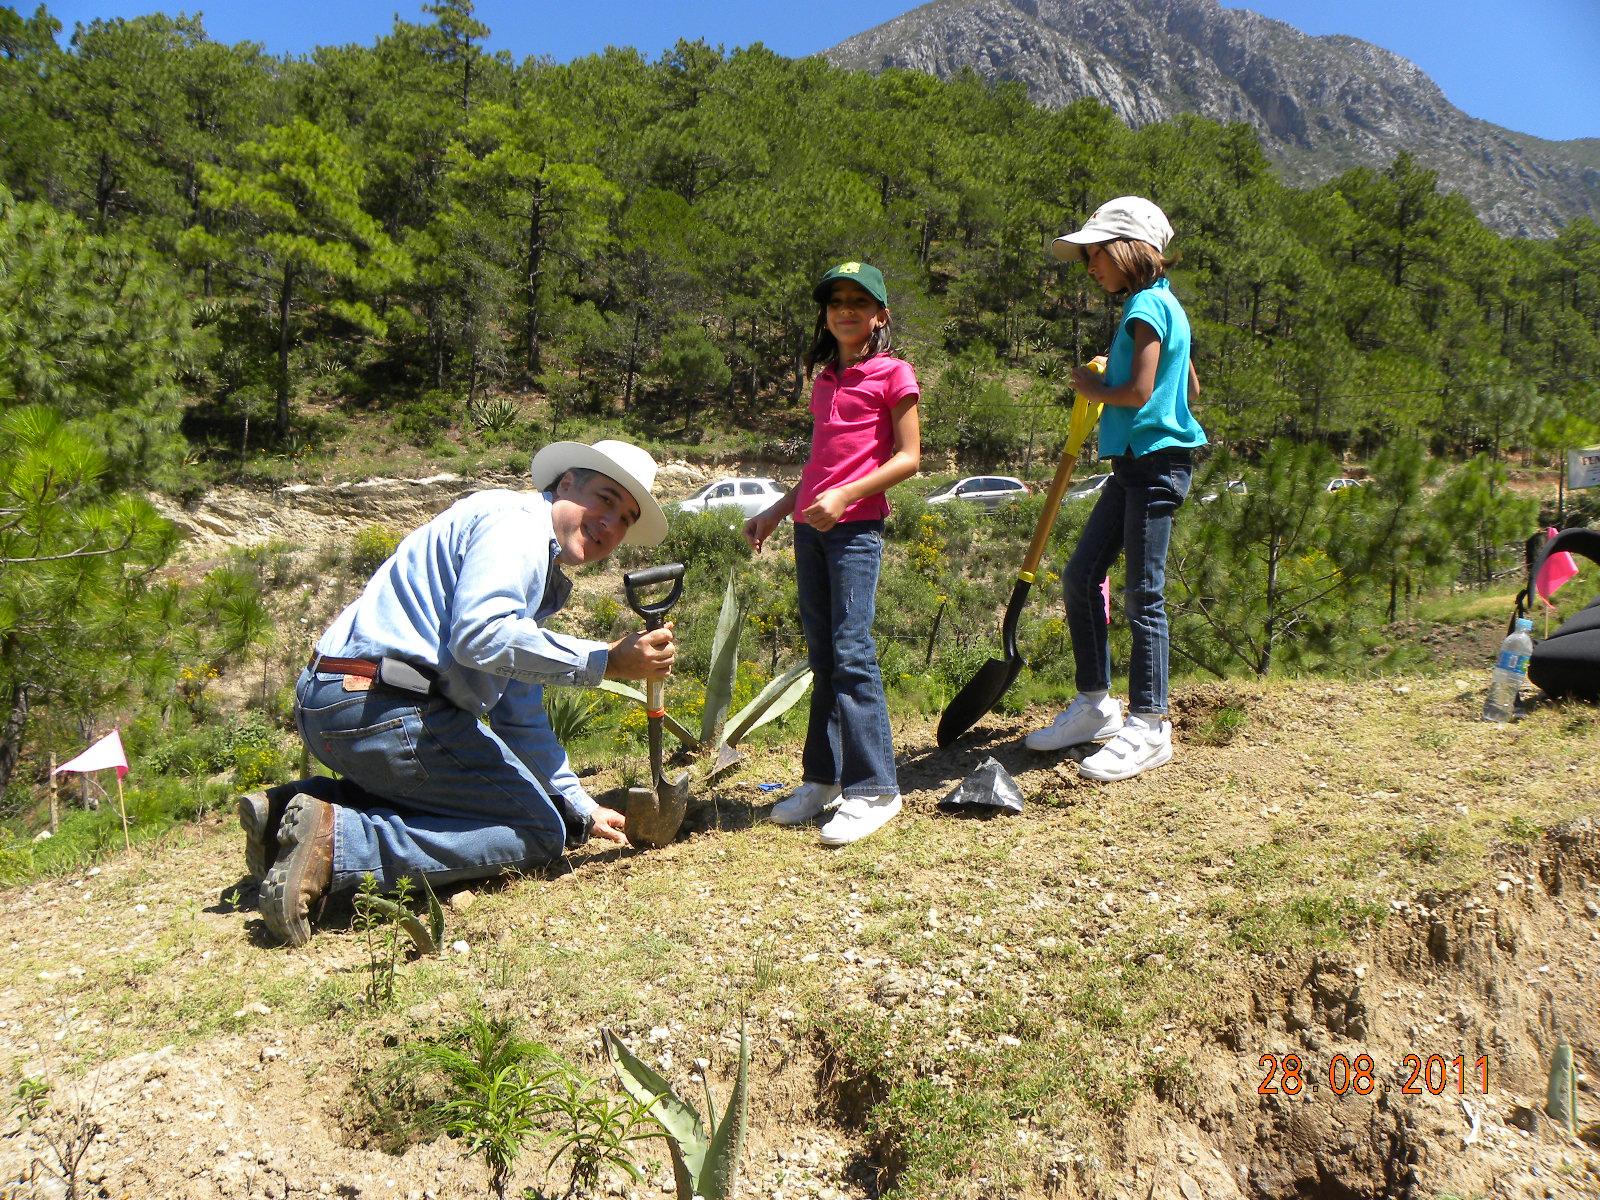 داوطلبان در تپه درخت می کارند (Pronatura Noreste A.C.)